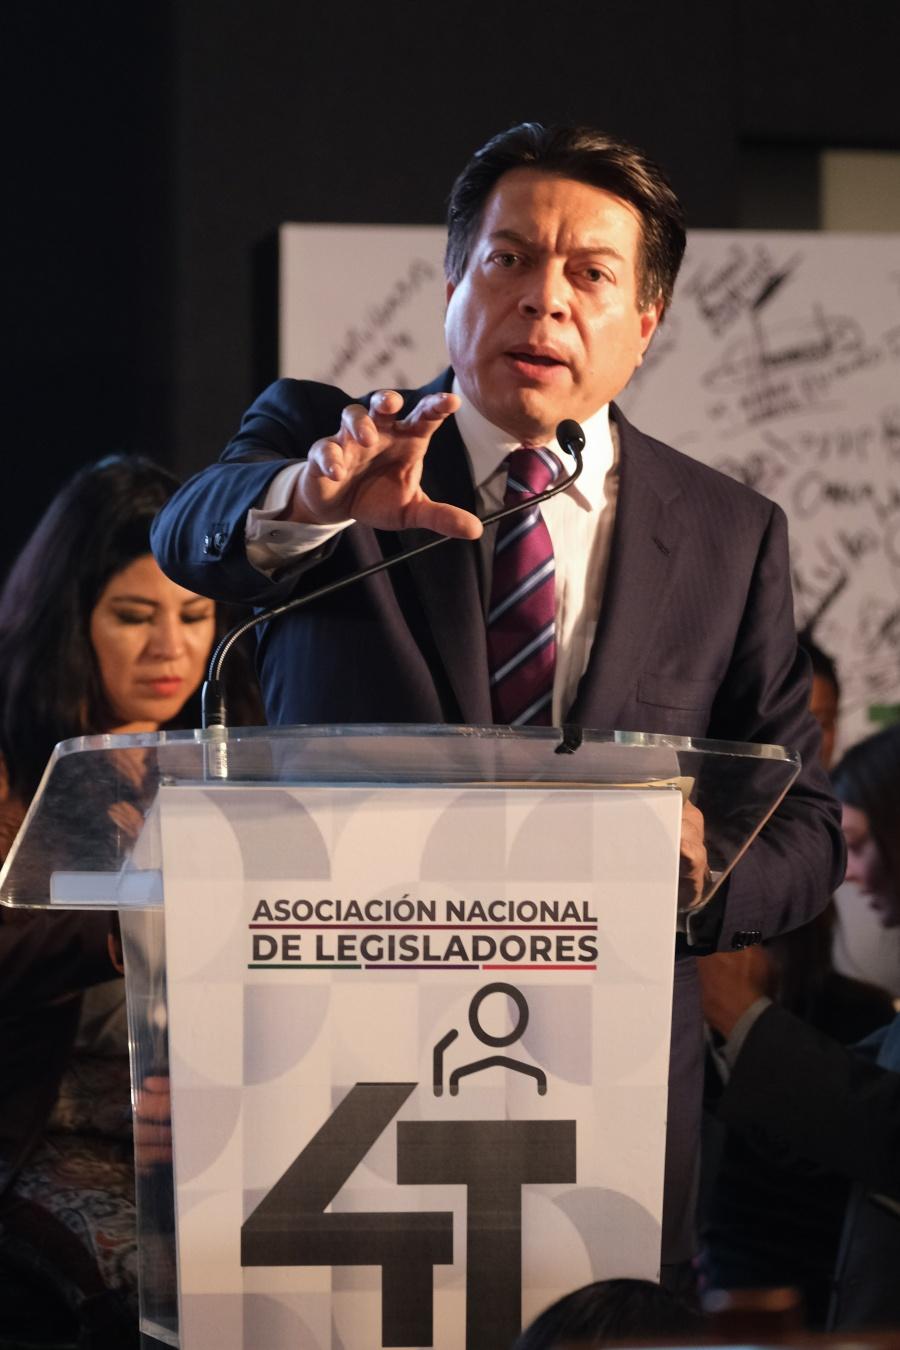 Condena Mario Delgado expulsión de embajadora de México en Bolivia